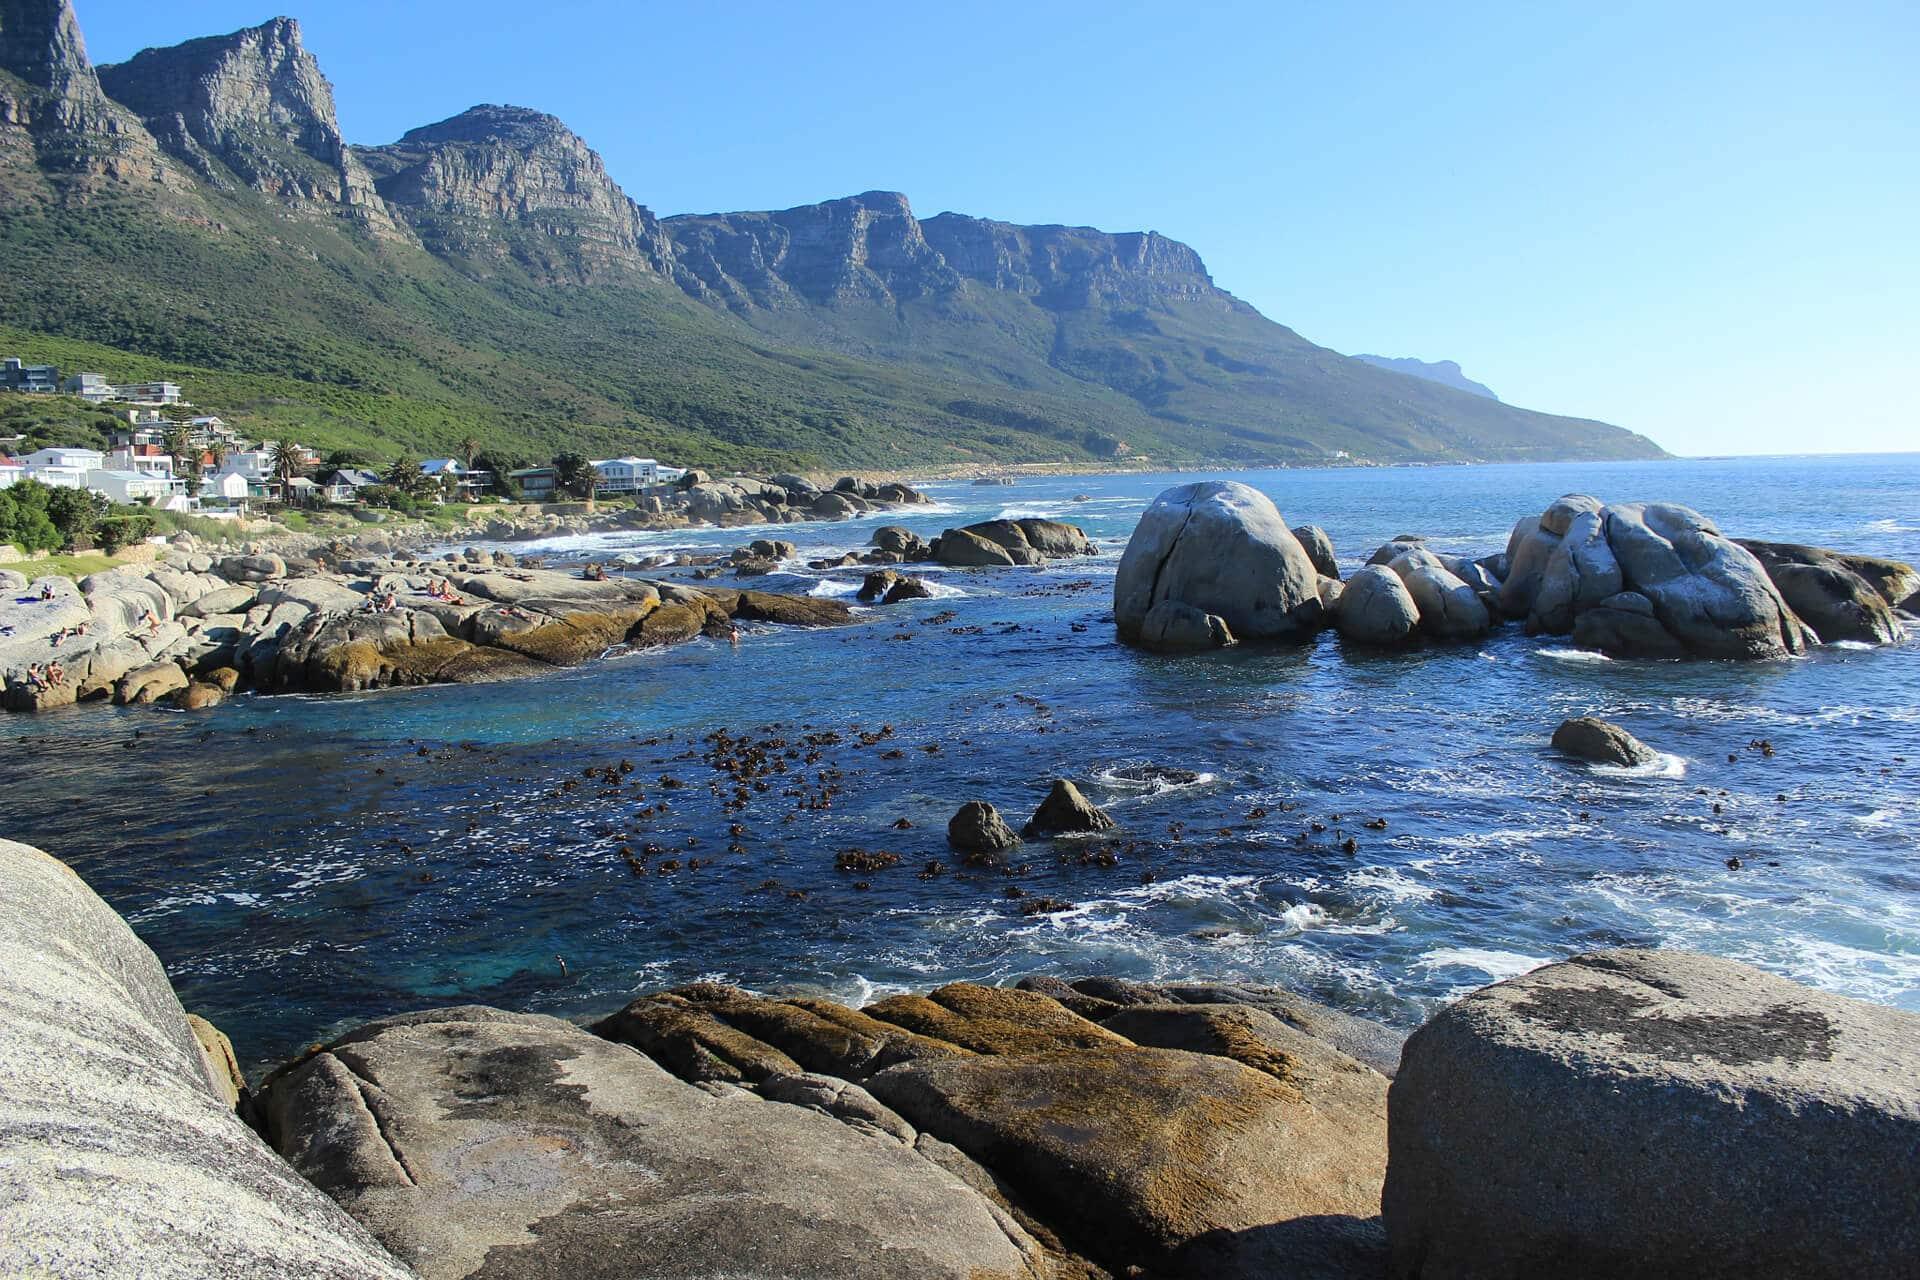 Die 12 Apostles Von Kapstadt